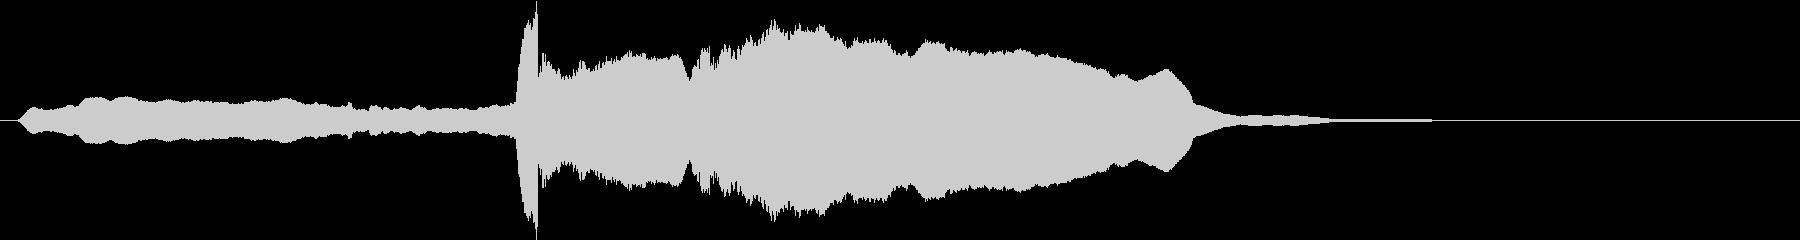 音侍SE「尺八フレーズ1」エニグマ音06の未再生の波形